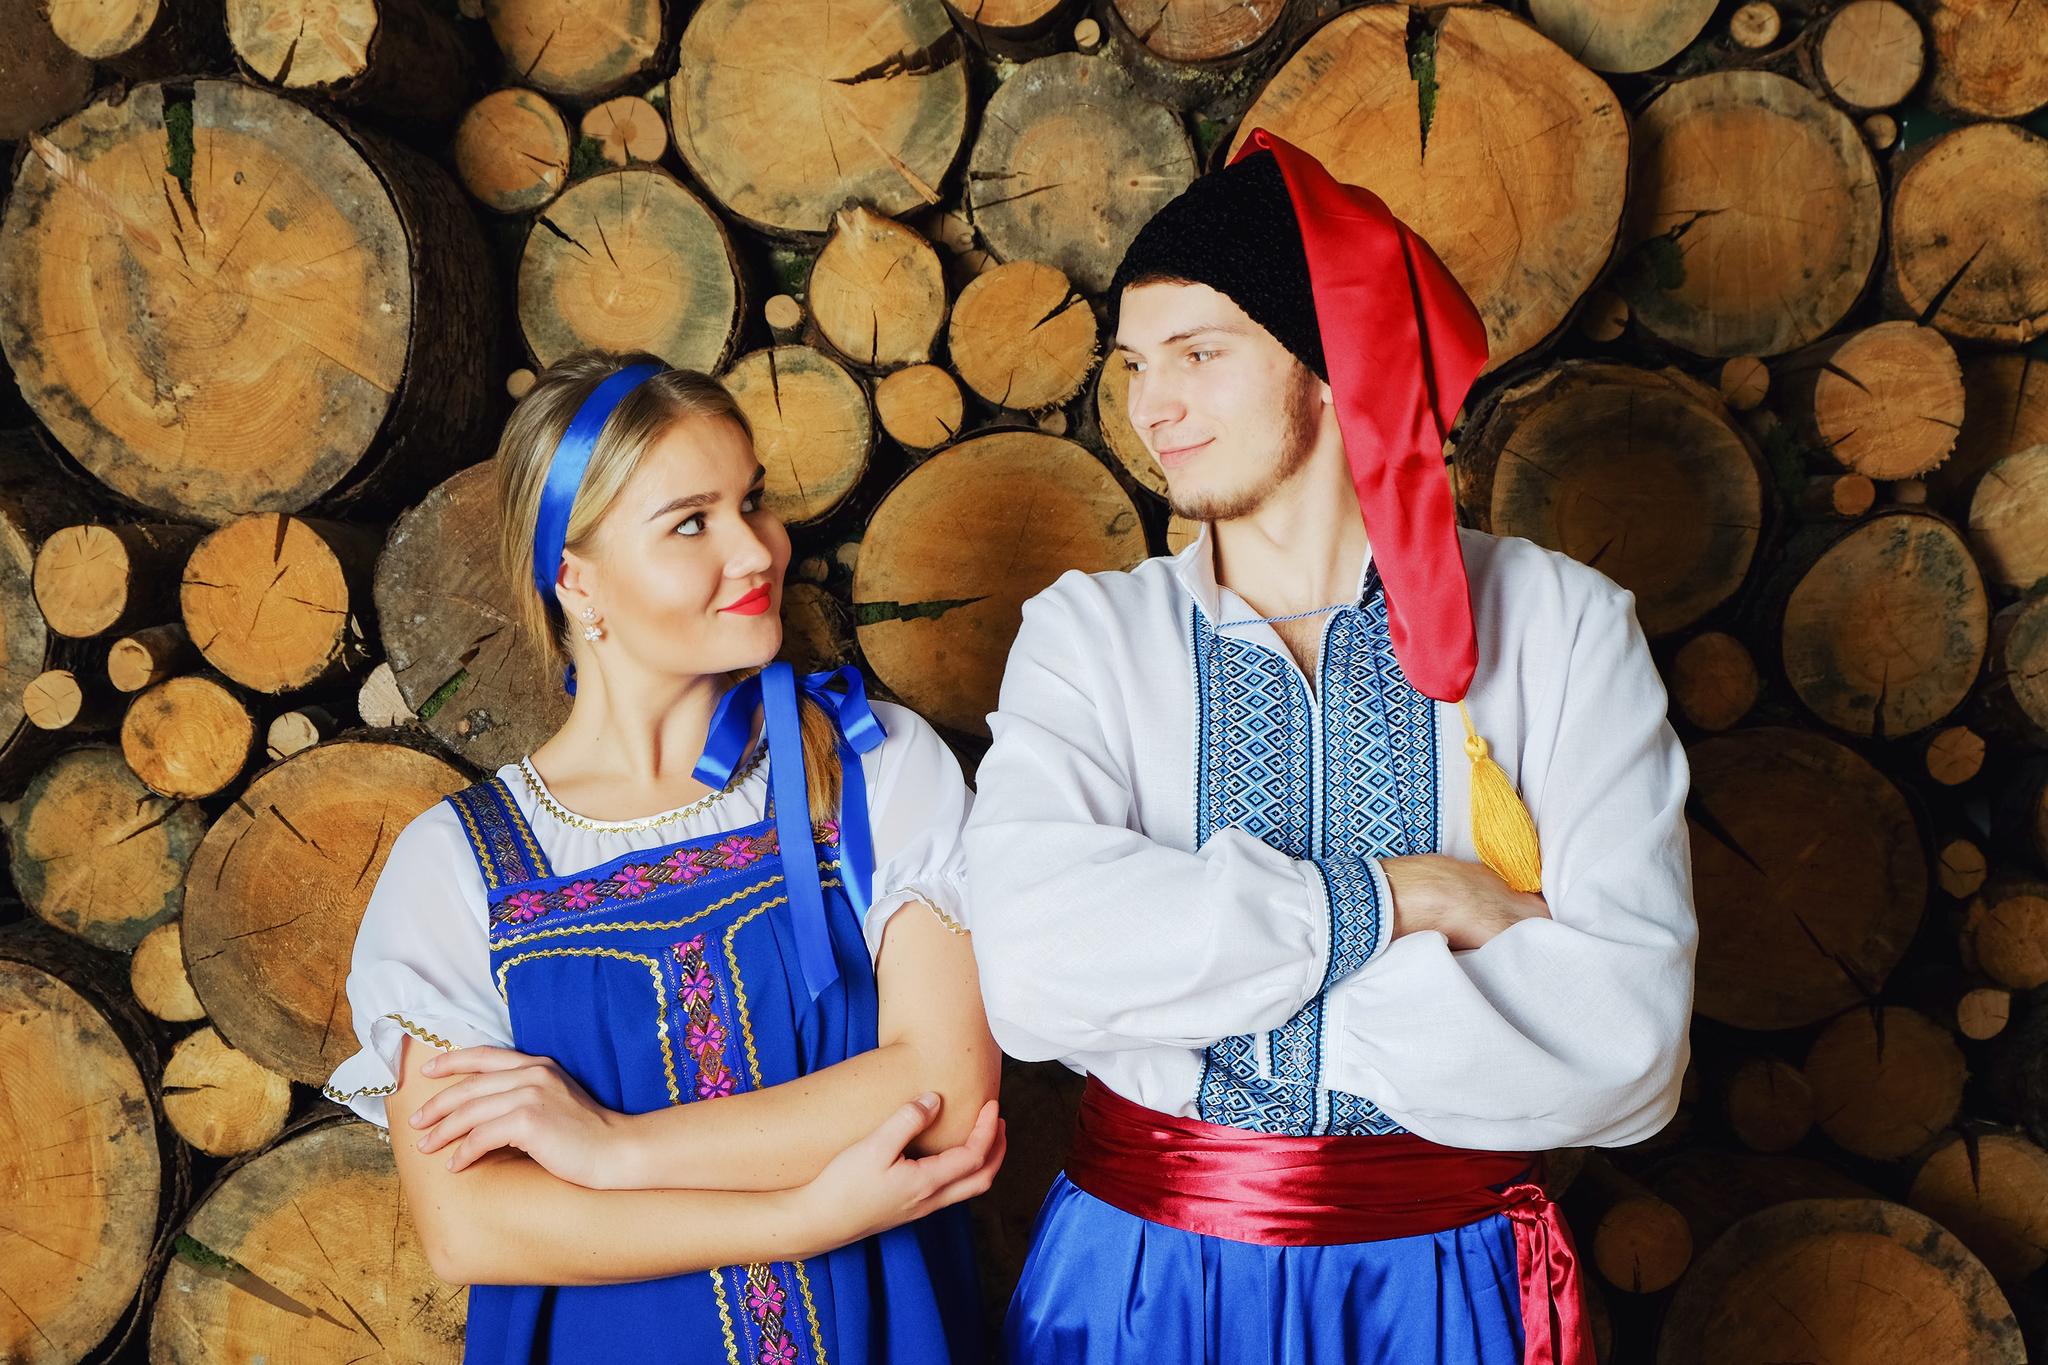 народный украинский костюм увеличенный фрагмент